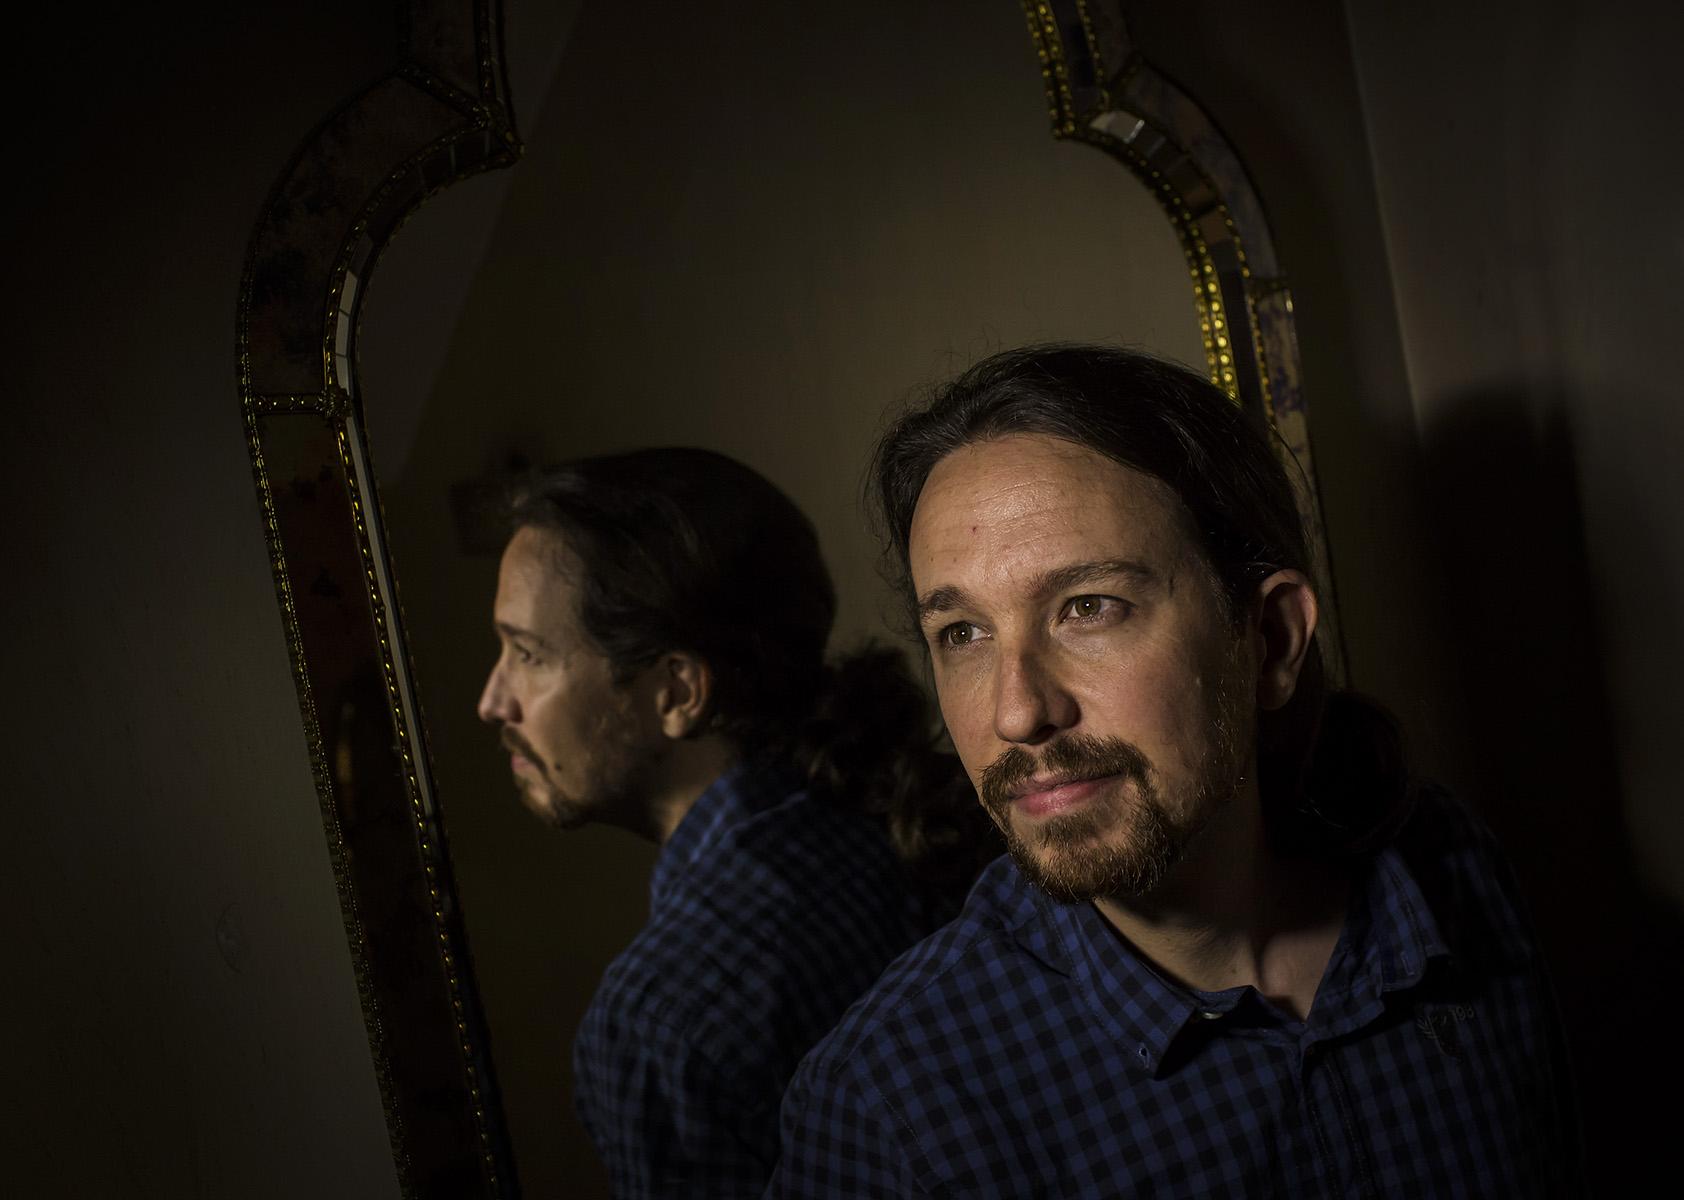 Entrevista Pablo Iglesias, Secretario General de Podemos© Alberto R. Roldan / Diario La Razon13 05 2016